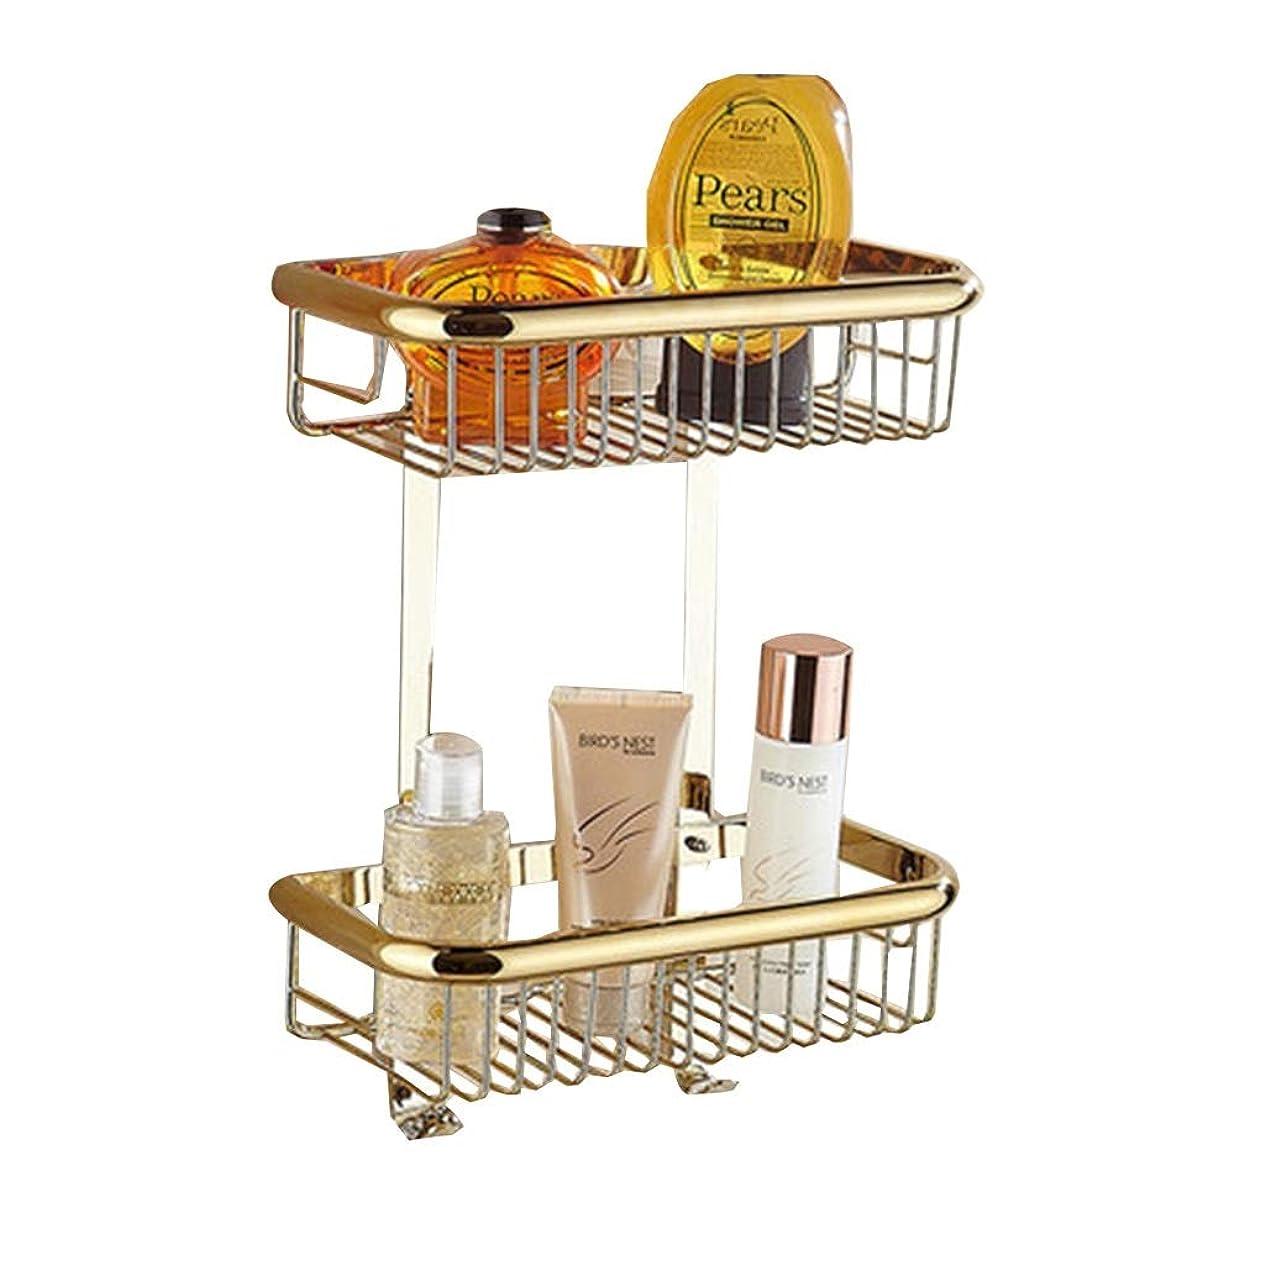 れんがすみませんサイクロプスタオルスタンド スクエアバスケットバスタオル掛け全銅タオル掛けバスルーム棚タオル掛け壁掛け収納棚 (Color : Gold, Size : 30*13.5*39cm)